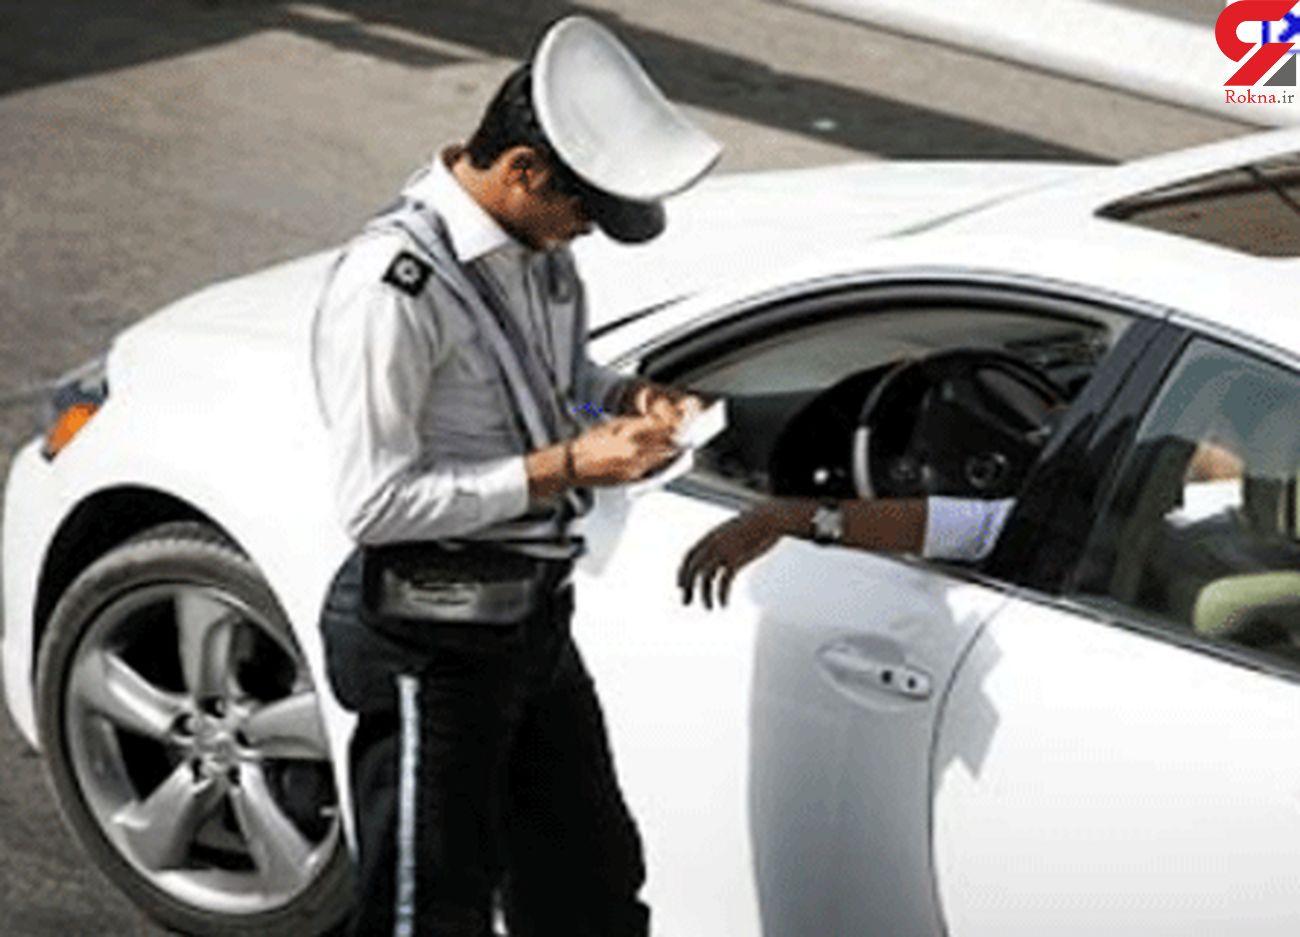 توقف خودروی میلیاردی در یزد